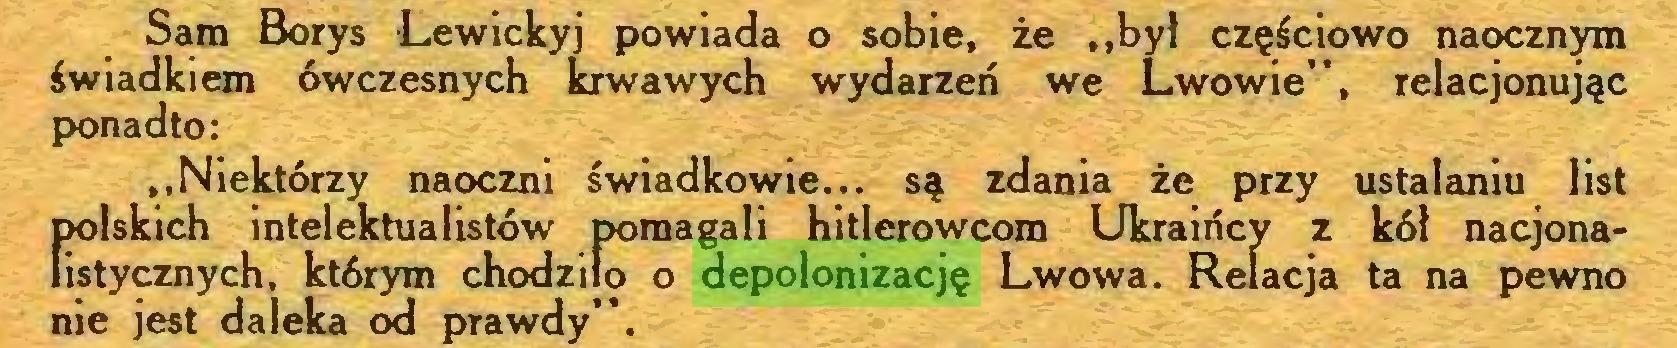 """(...) Sam Borys Lewickyj powiada o sobie, że """"był częściowo naocznym świadkiem ówczesnych krwawych wydarzeń we Lwowie"""", relacjonując ponadto: """"Niektórzy naoczni świadkowie... są zdania że przy ustalaniu list polskich intelektualistów pomagali hitlerowcom Ukraińcy z kół nacjonalistycznych, którym chodziło o depolonizację Lwowa. Relacja ta na pewno nie jest daleka od prawdy""""..."""